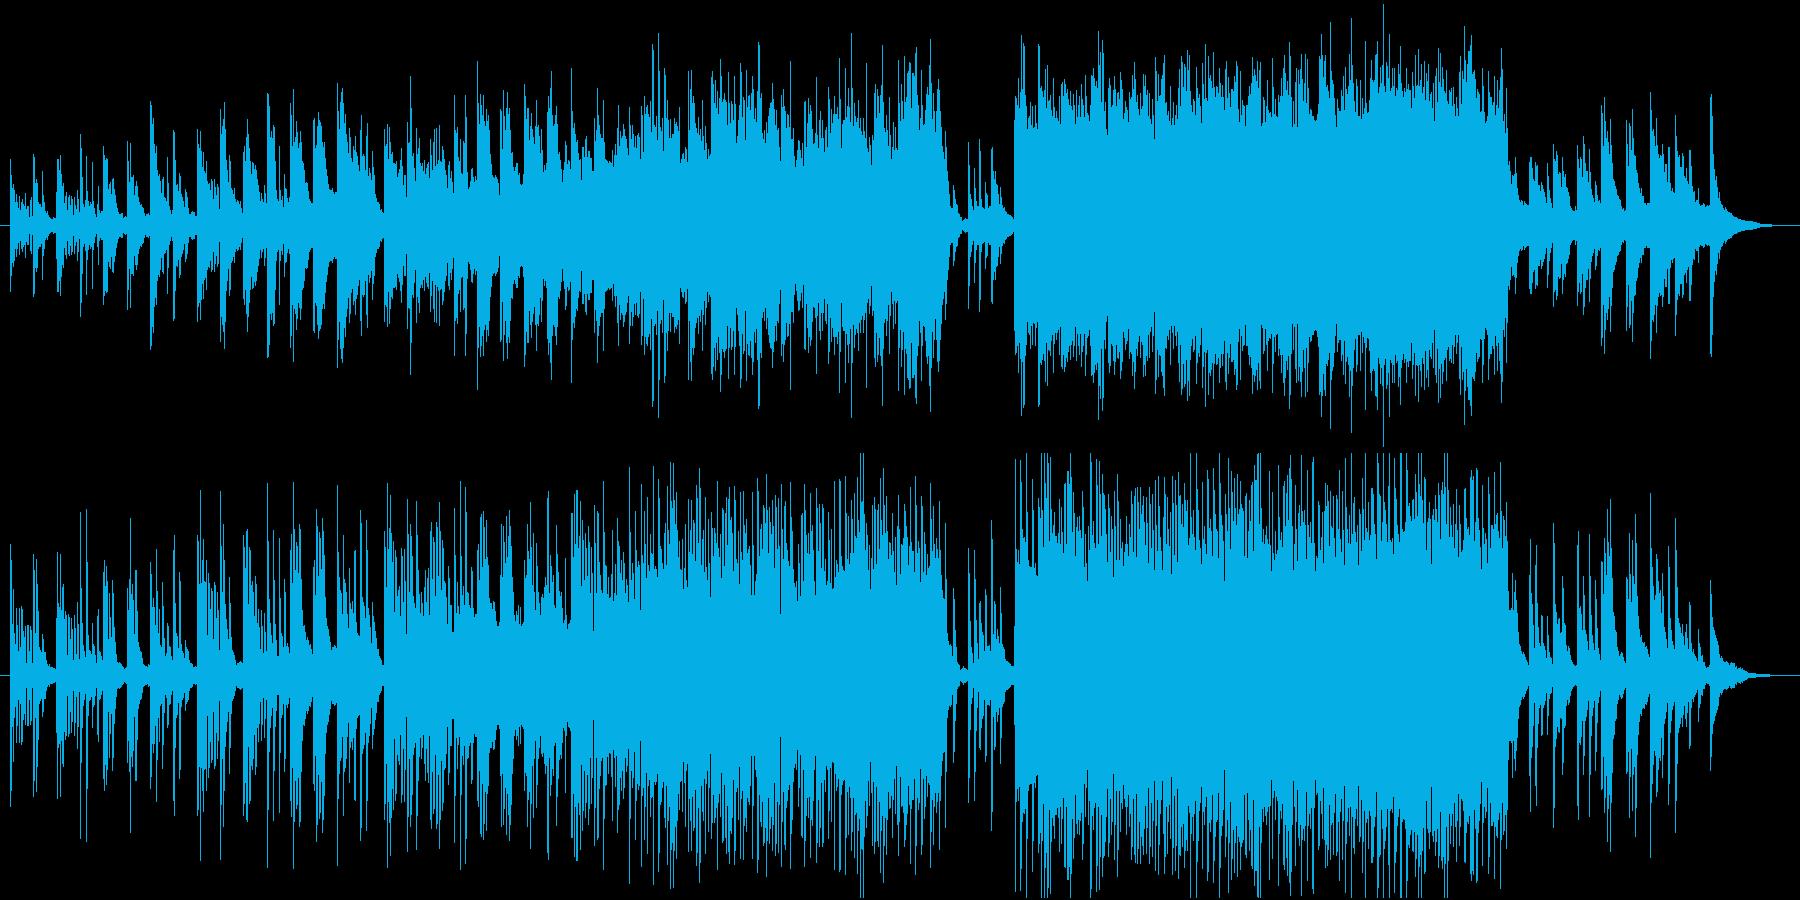 ピアノの旋律が印象的なバラード3の再生済みの波形